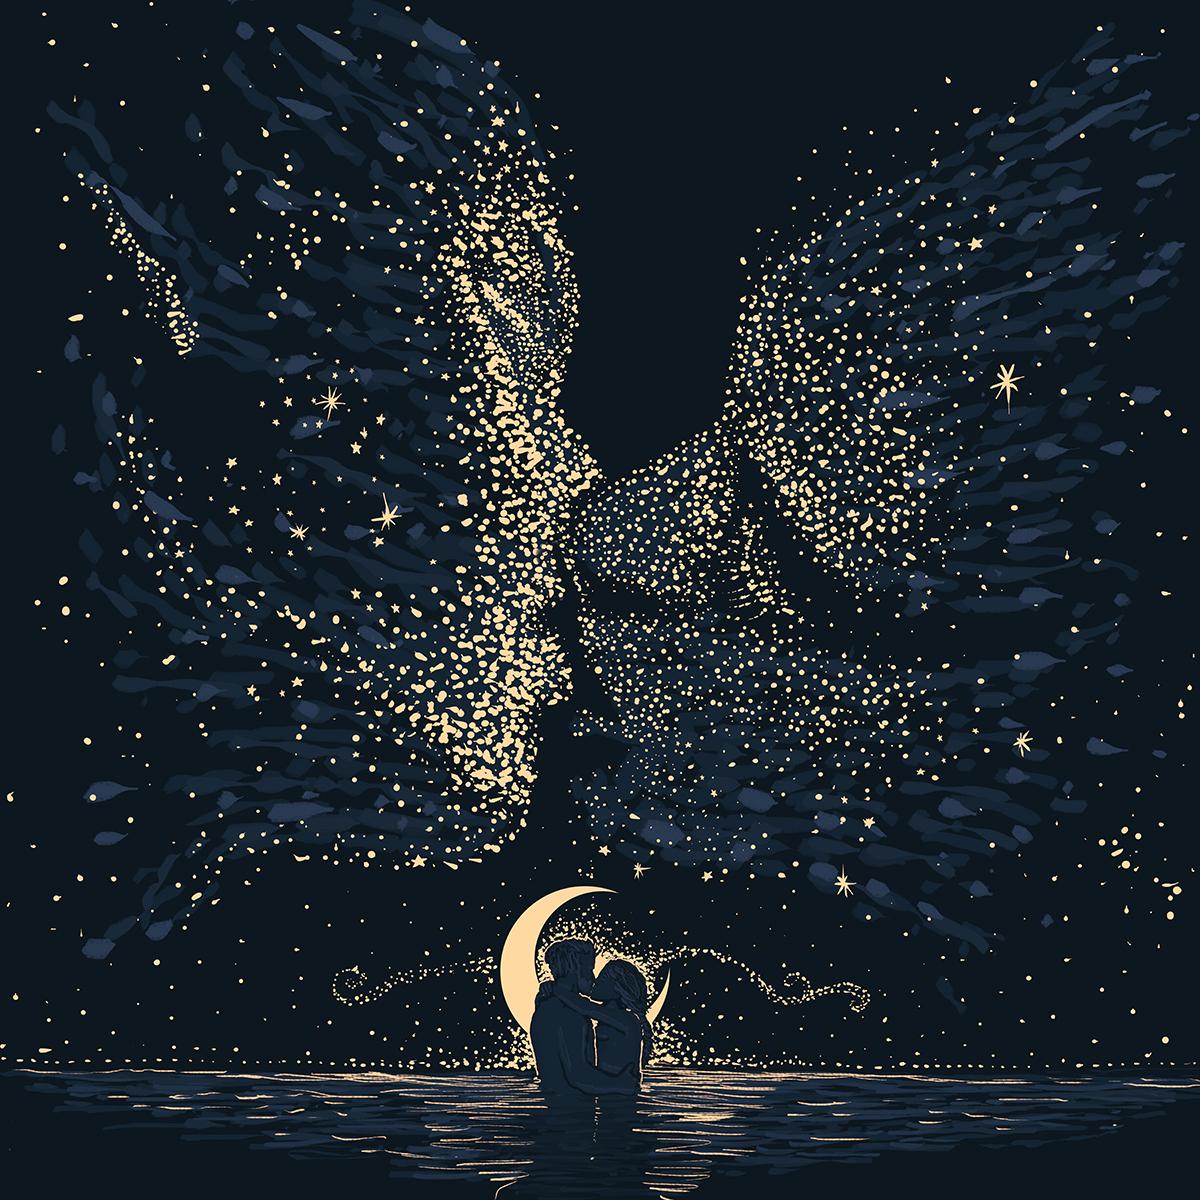 Starcrossed by Daniel Watts